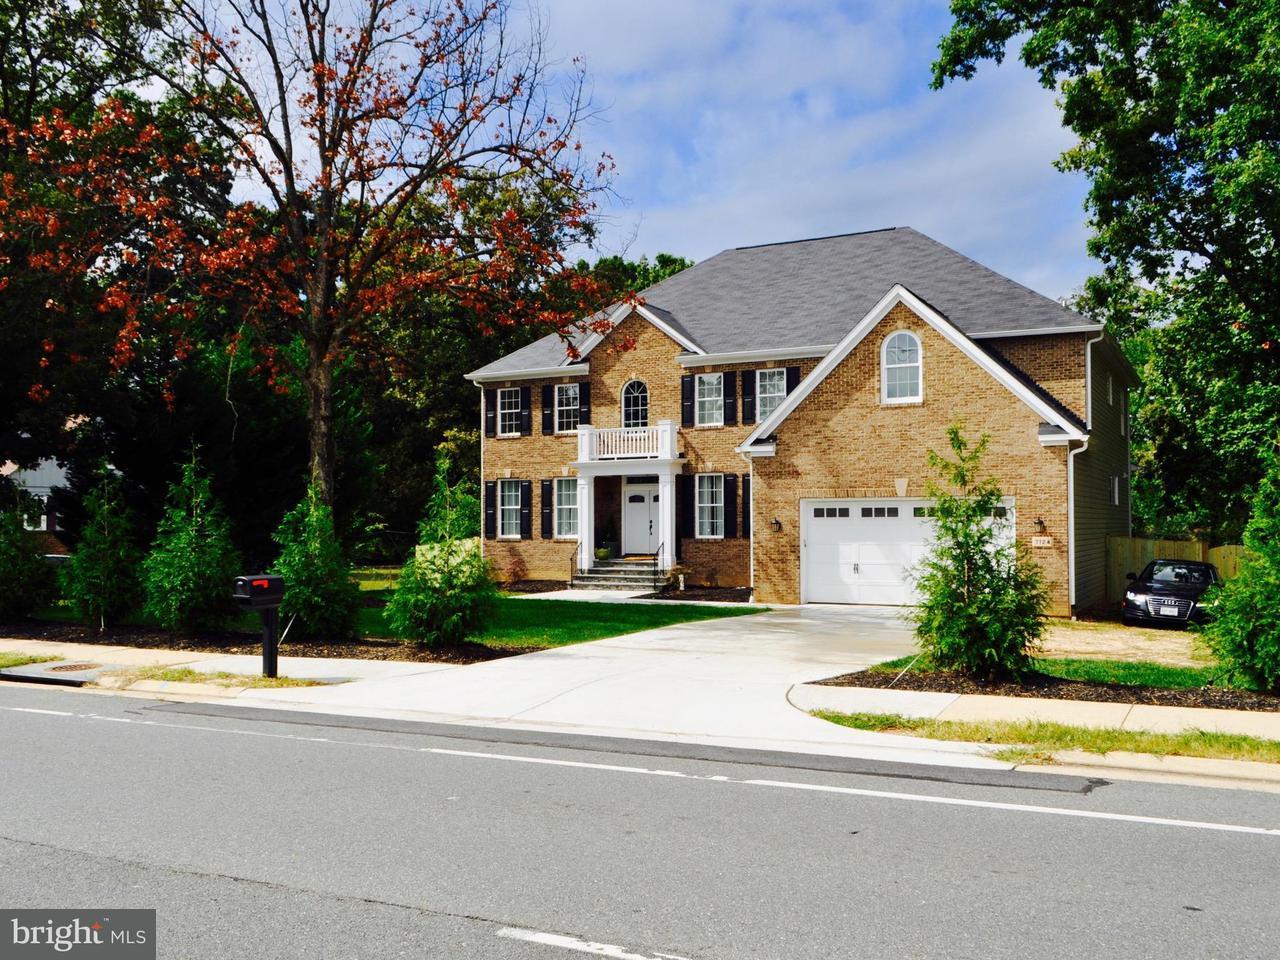 Μονοκατοικία για την Πώληση στο 7225 Gormel Drive 7225 Gormel Drive Springfield, Βιρτζινια 22150 Ηνωμενεσ Πολιτειεσ